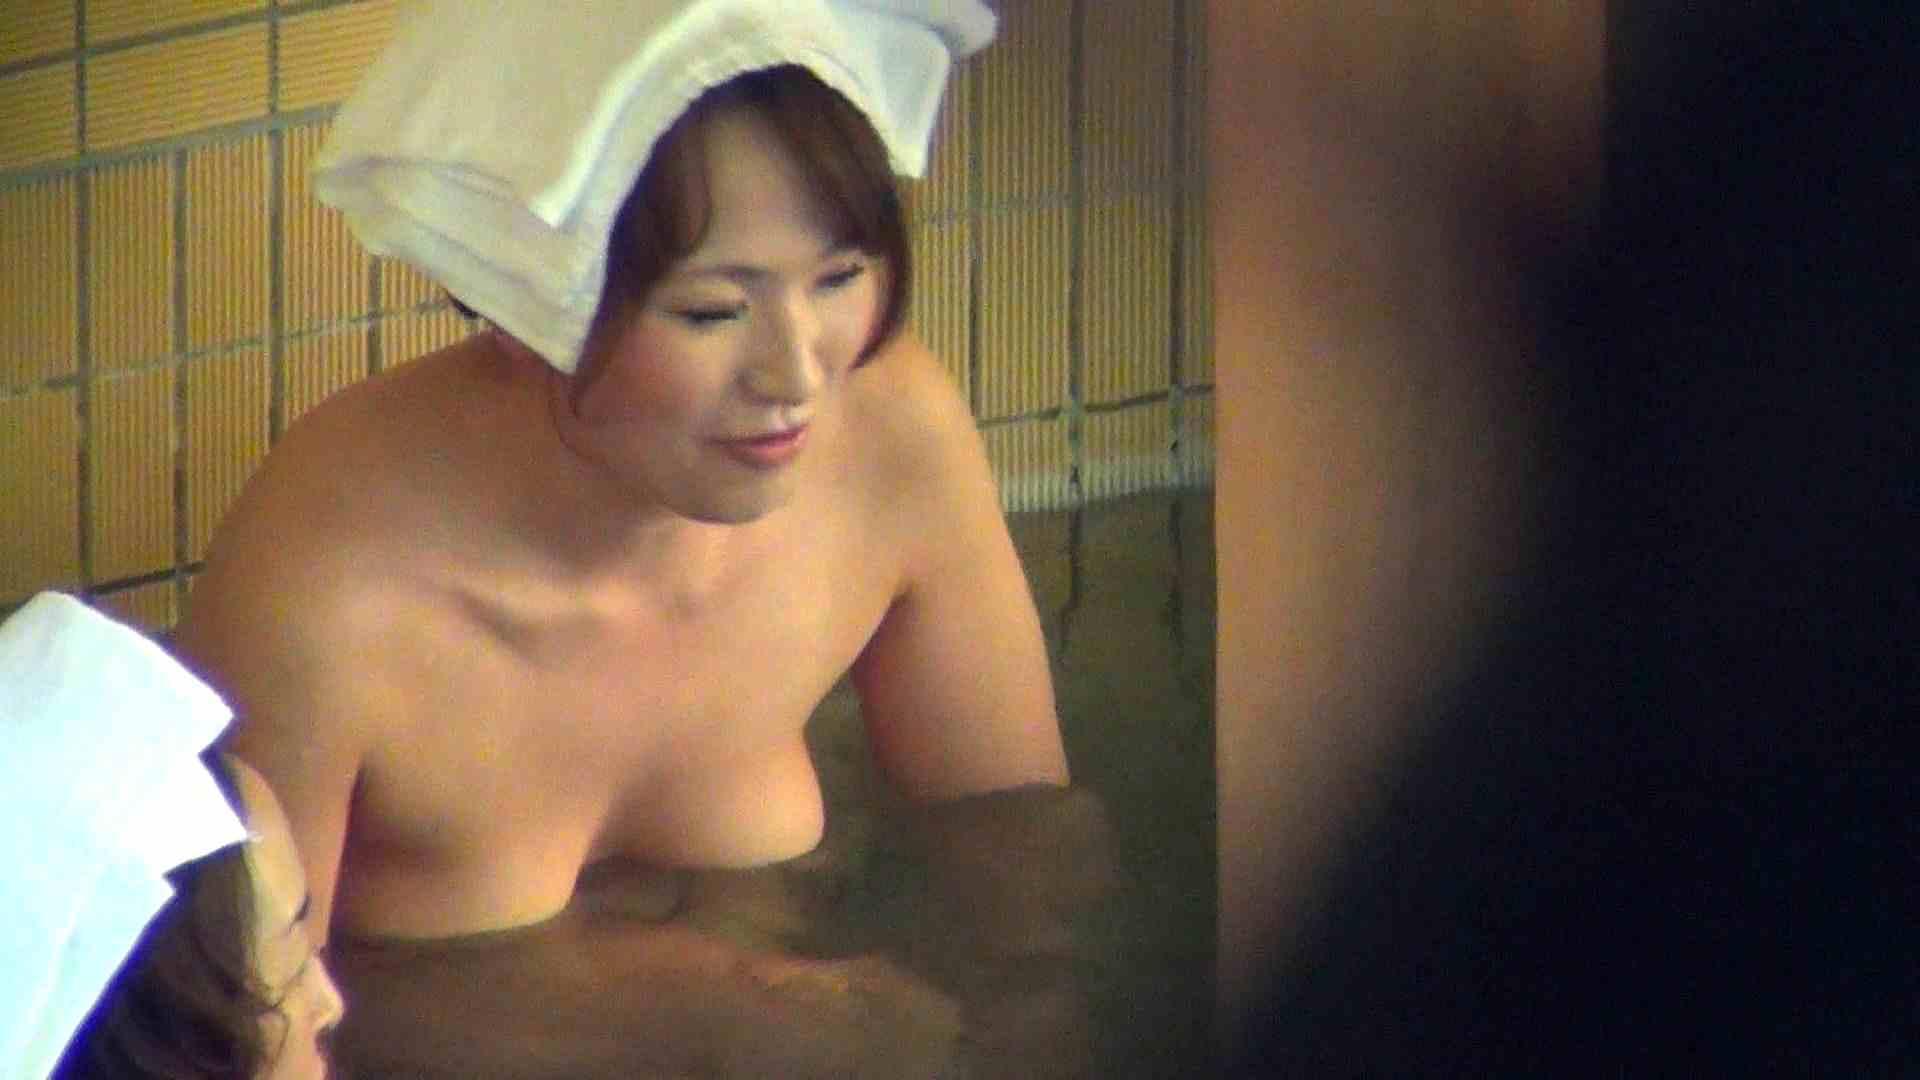 Aquaな露天風呂Vol.272 盗撮シリーズ  106PIX 94